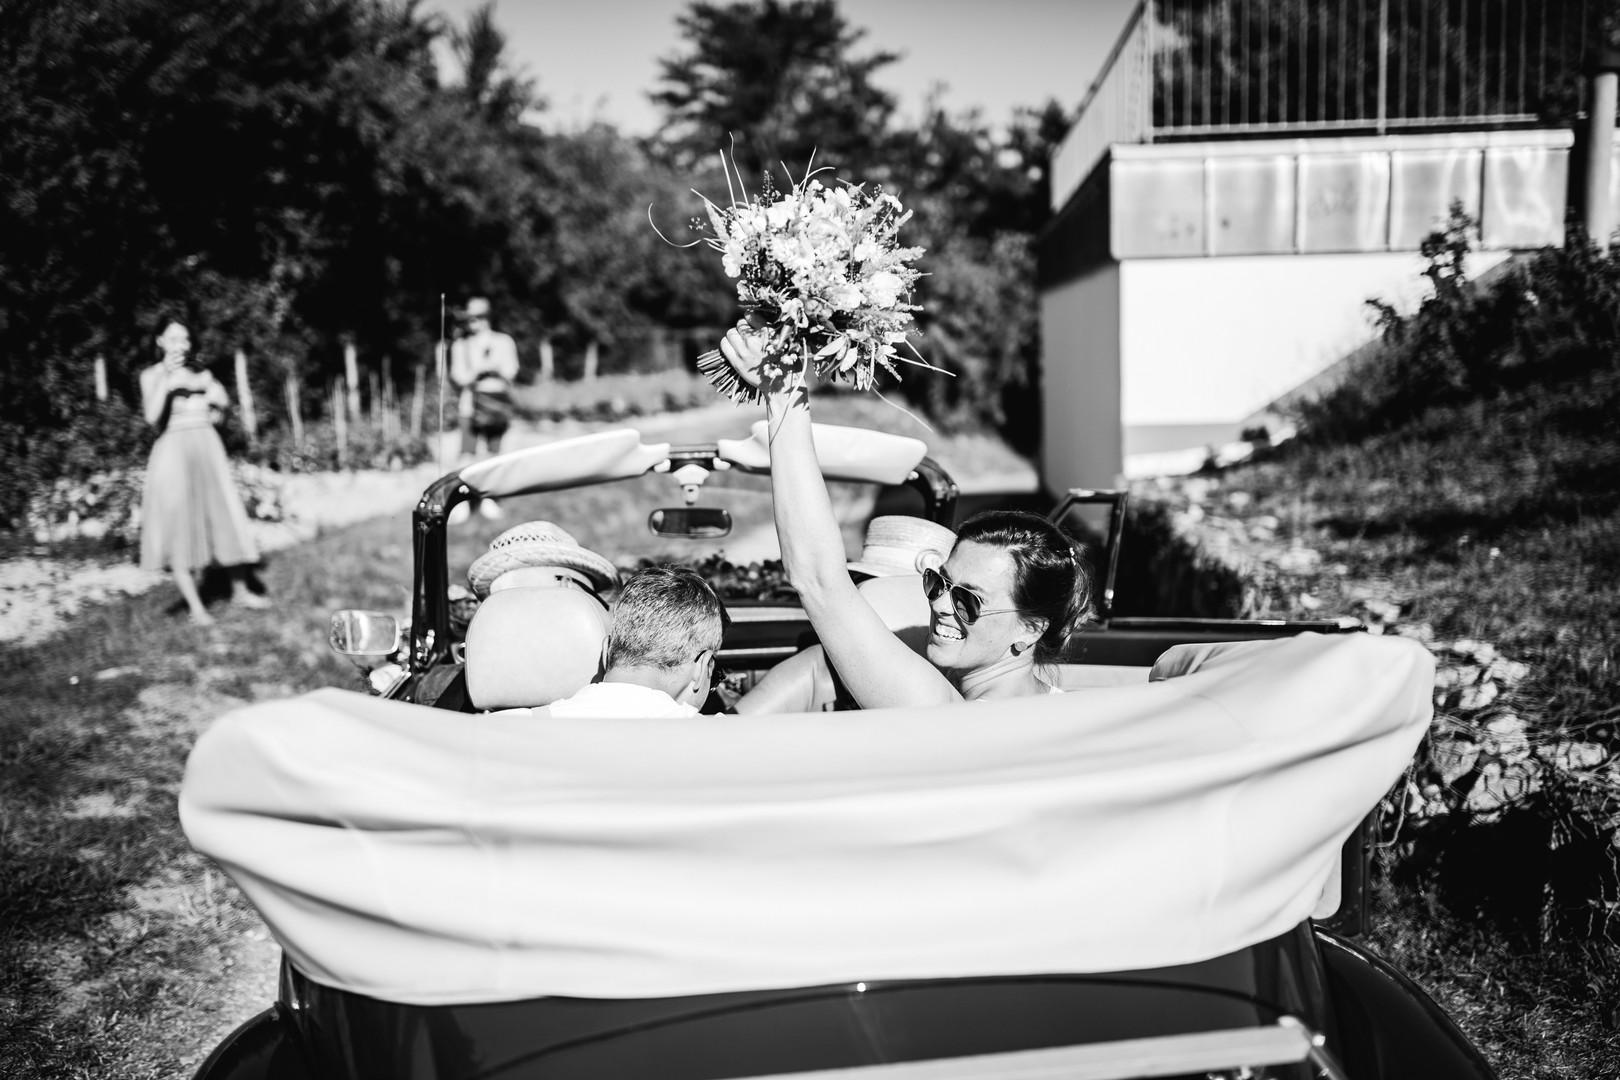 Hochzeit_Chrissi+&+Timo_832.jpg